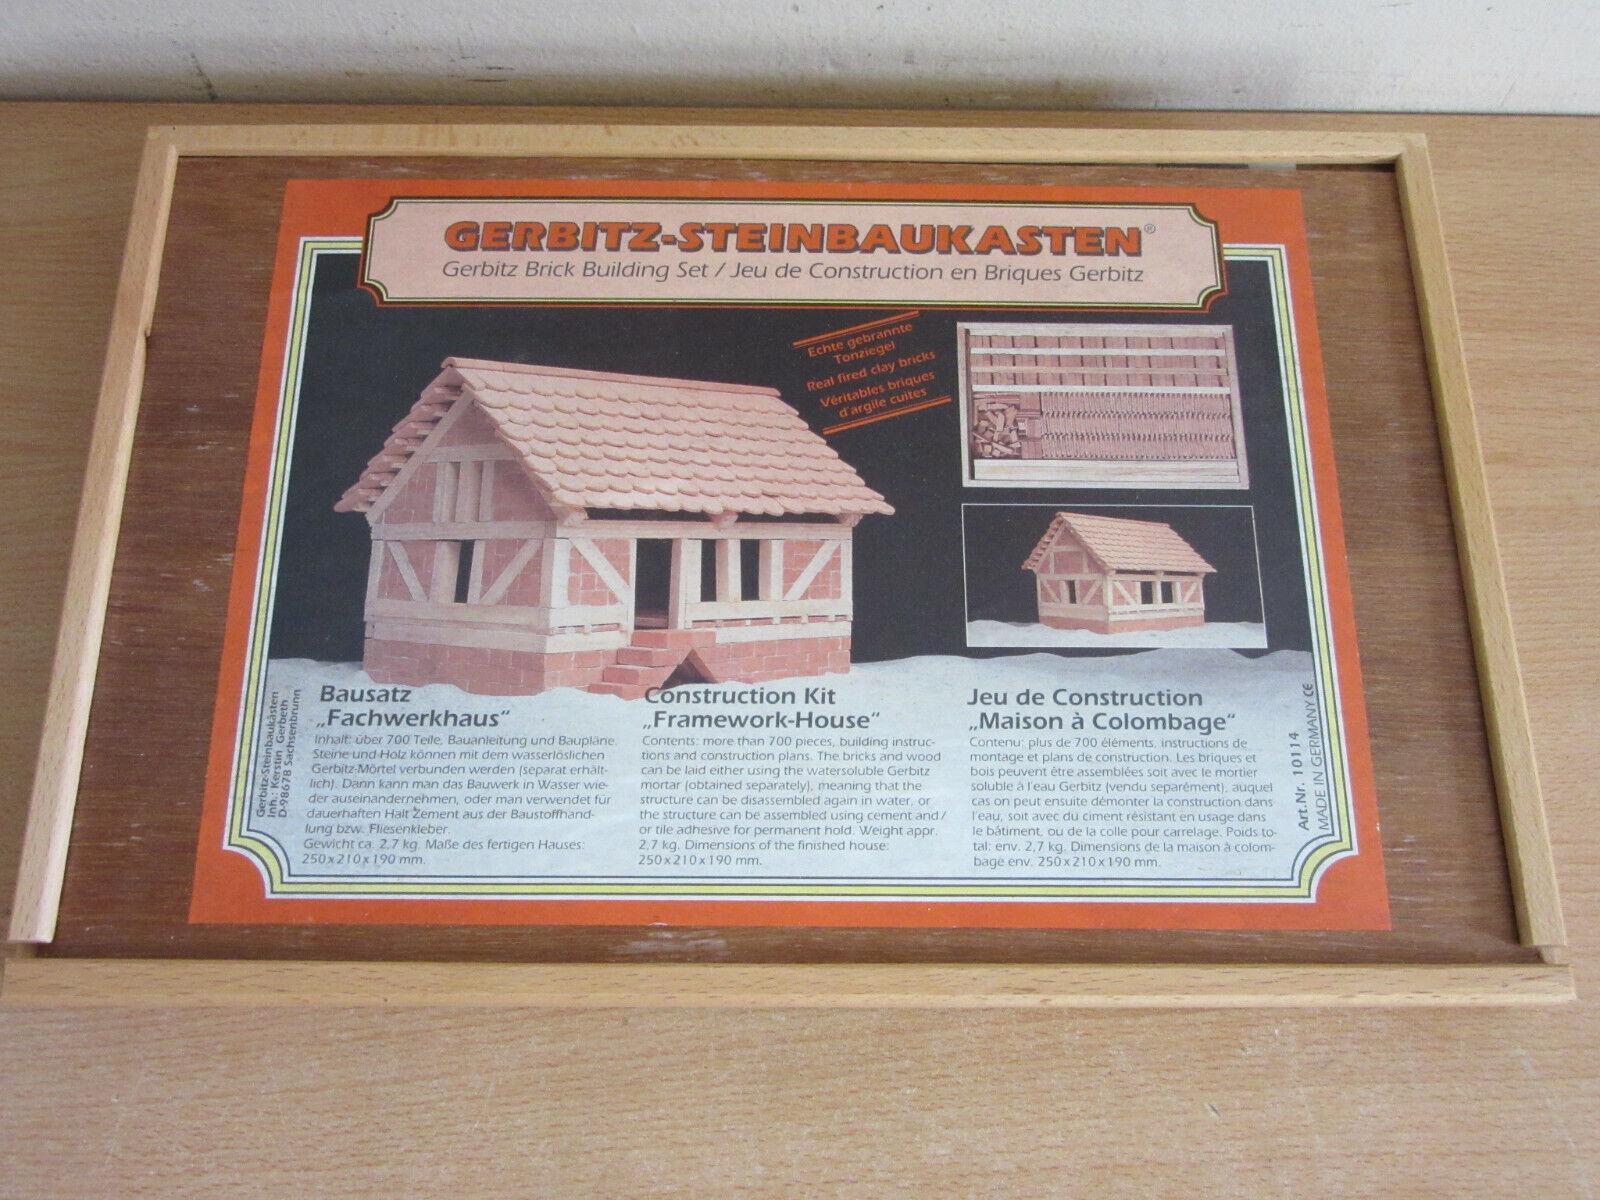 Gerbitz-Steinbaukasten Kit de construcción marco House alemán sin usar